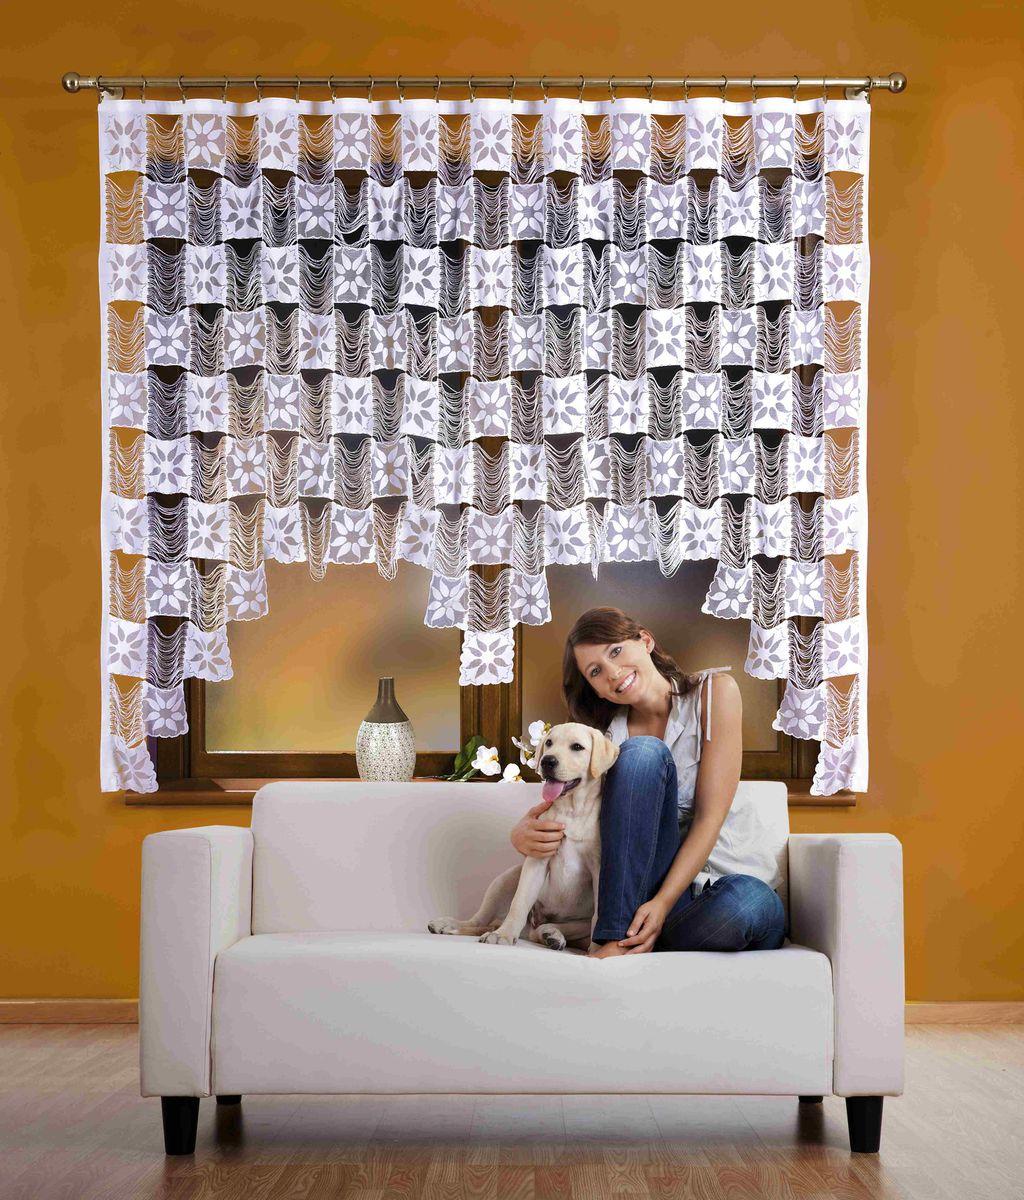 Гардина Wisan Stasia, на ленте, цвет: белый, высота 170 см510АВоздушная гардина Wisan Stasia, изготовленная из полиэстера, станет великолепным украшением любого окна. Изделие выполнено из бахромы с квадратными вставками. Оригинальное оформление гардины внесет разнообразие и подарит заряд положительного настроения. Гардина оснащена шторной лентой для крепления на карниз.